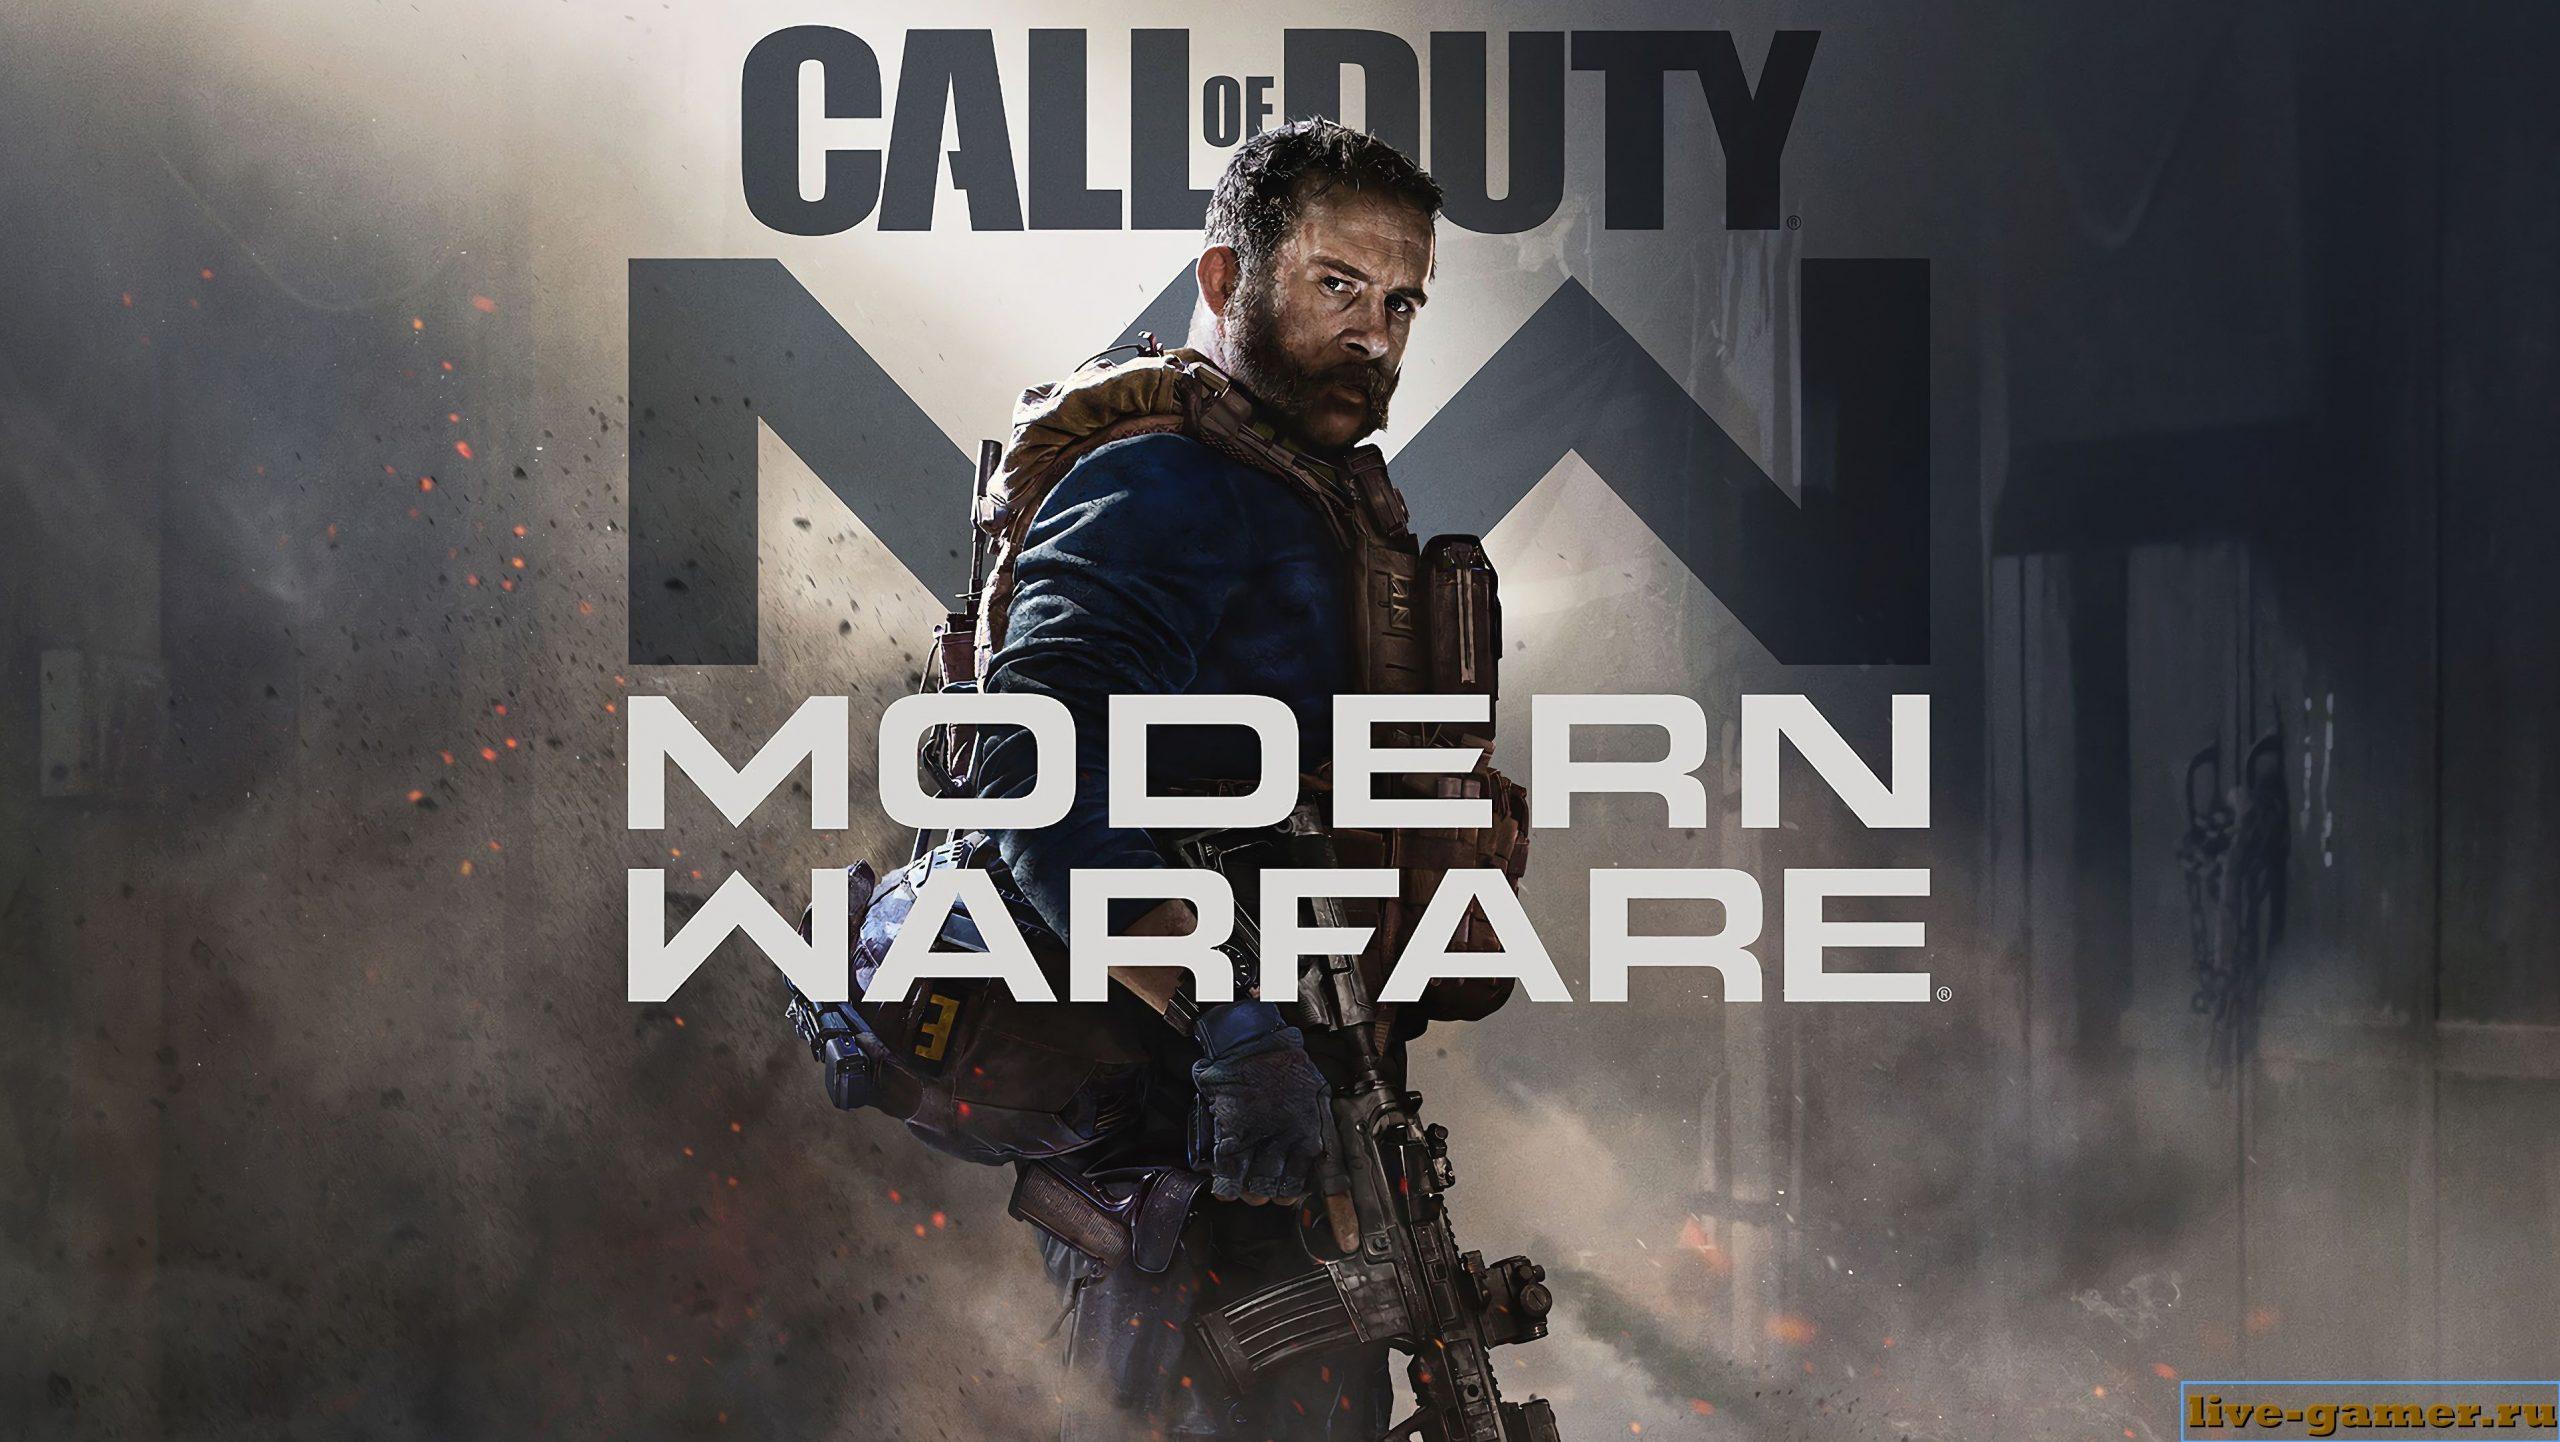 Системные требования к игре Call of Duty Modern Warfare [2019]